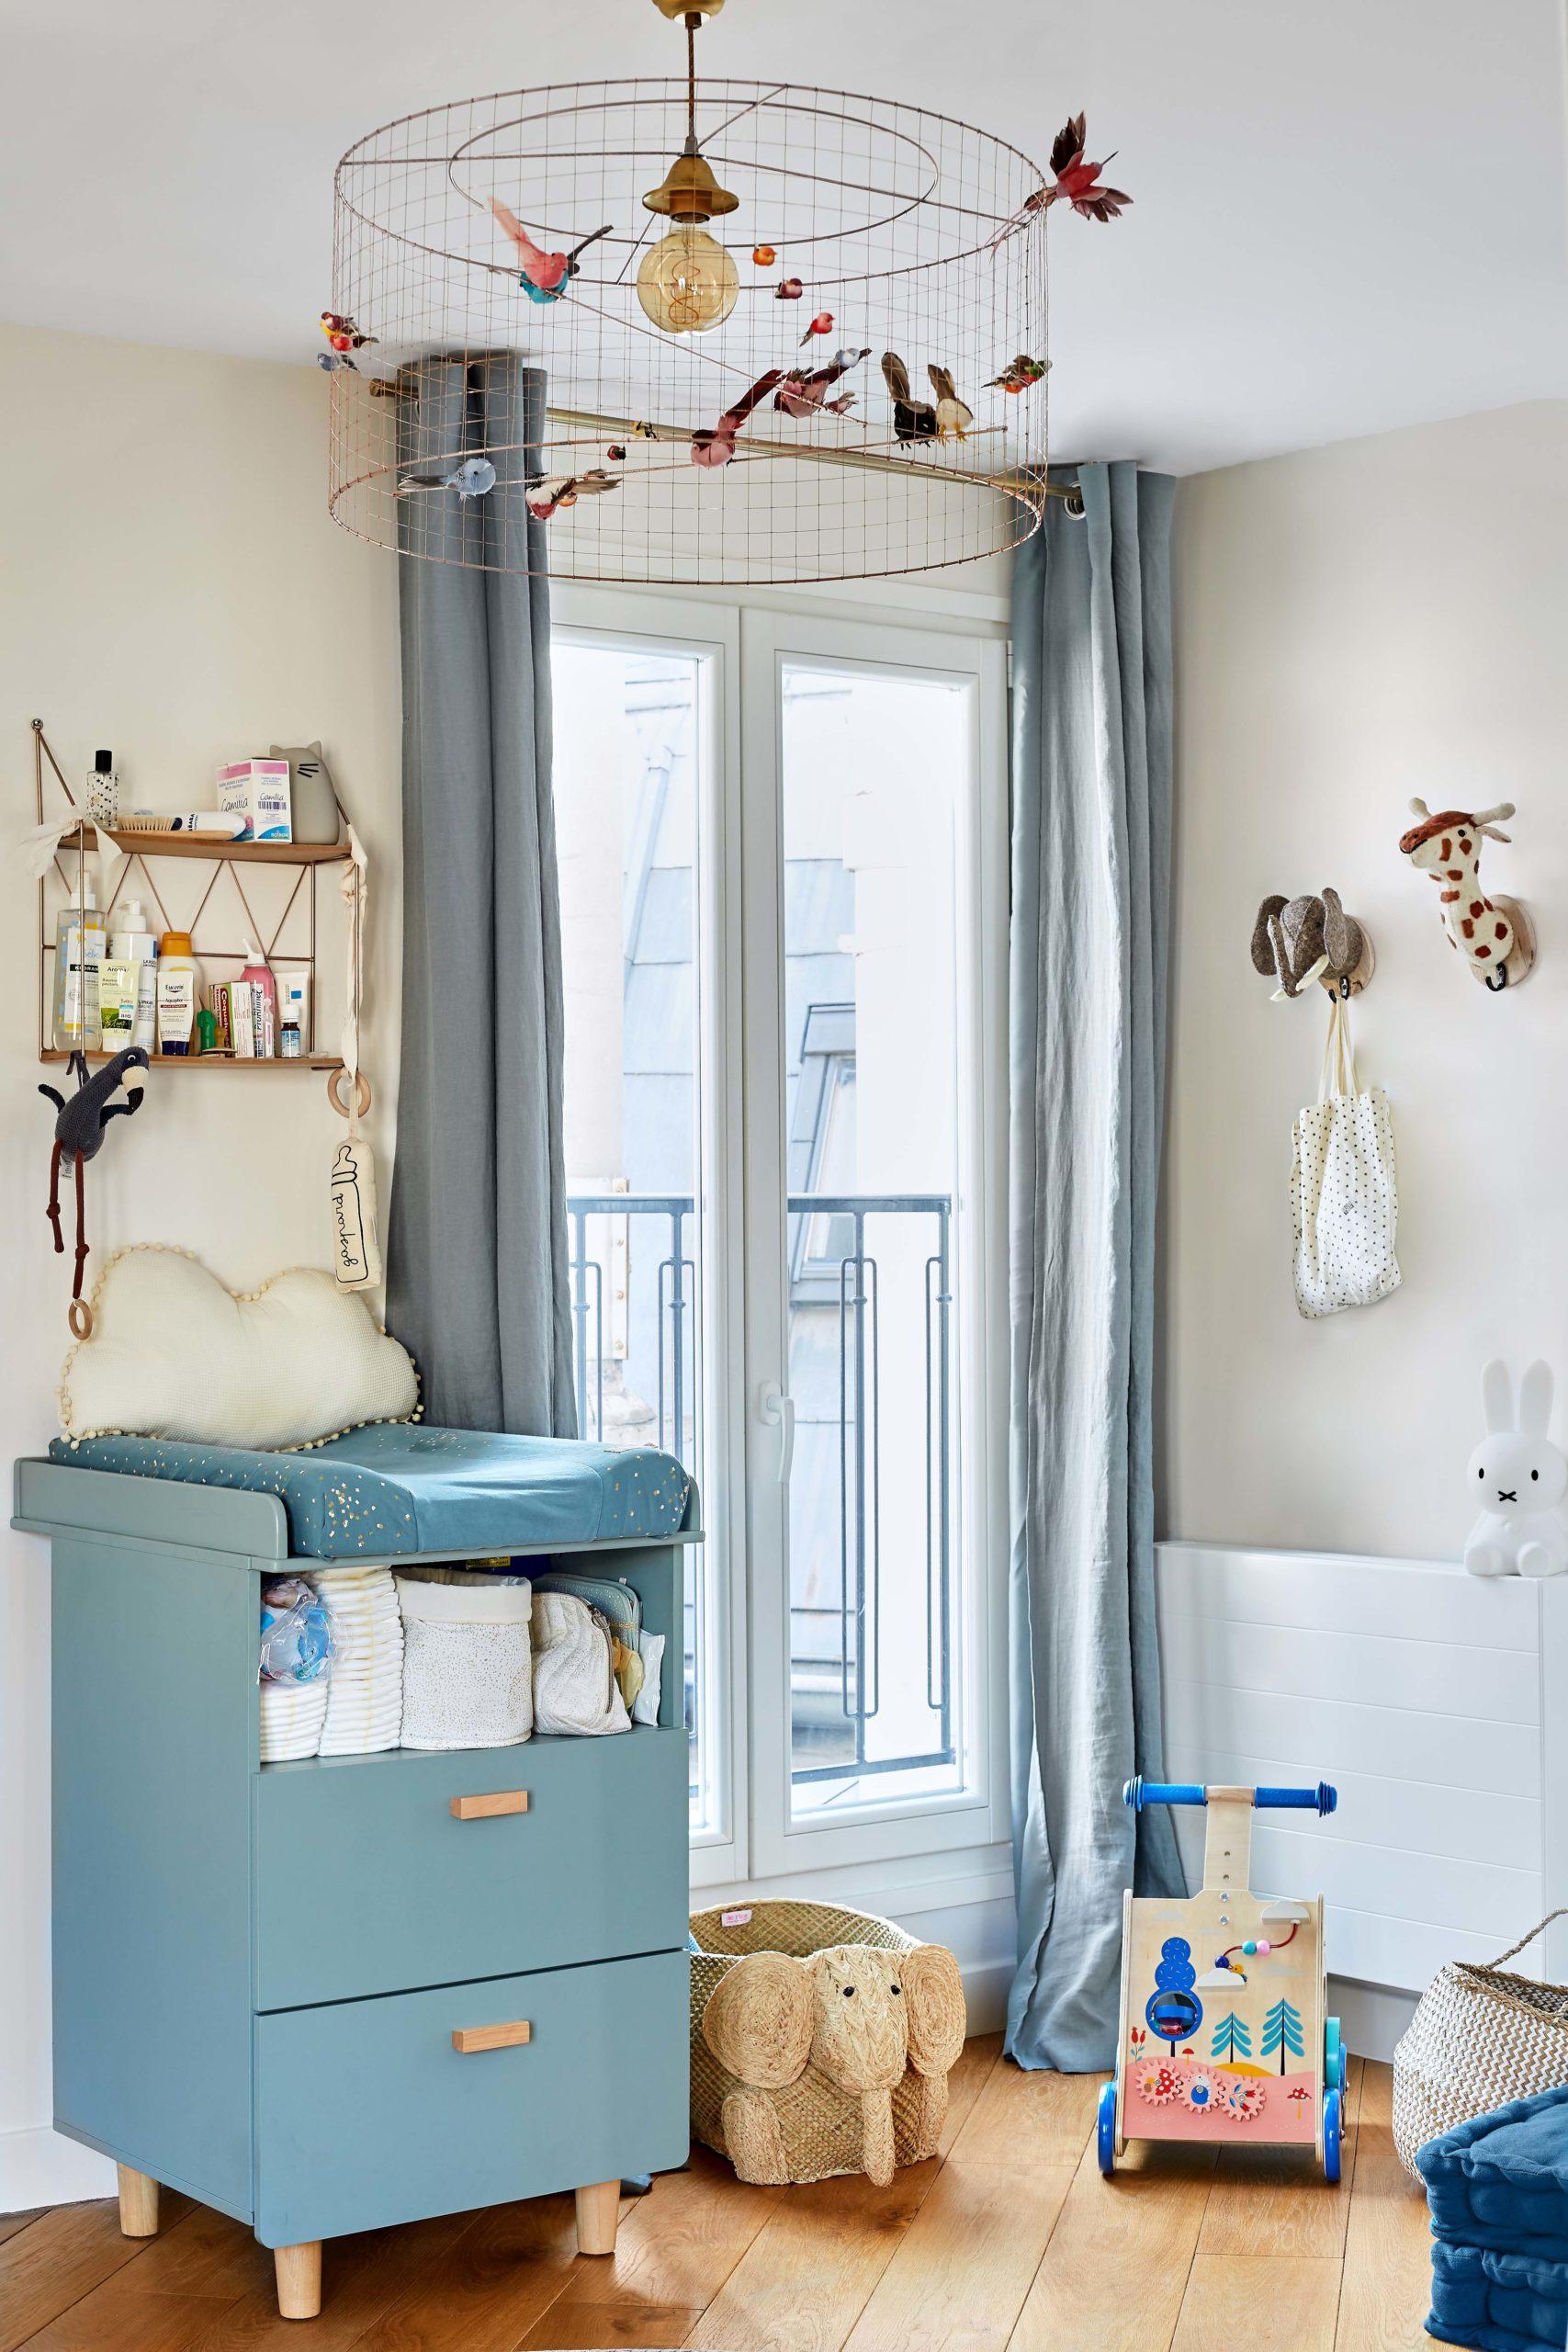 chambre bébé avec table a langer bleue et suspension oiseaux murs et merveilles